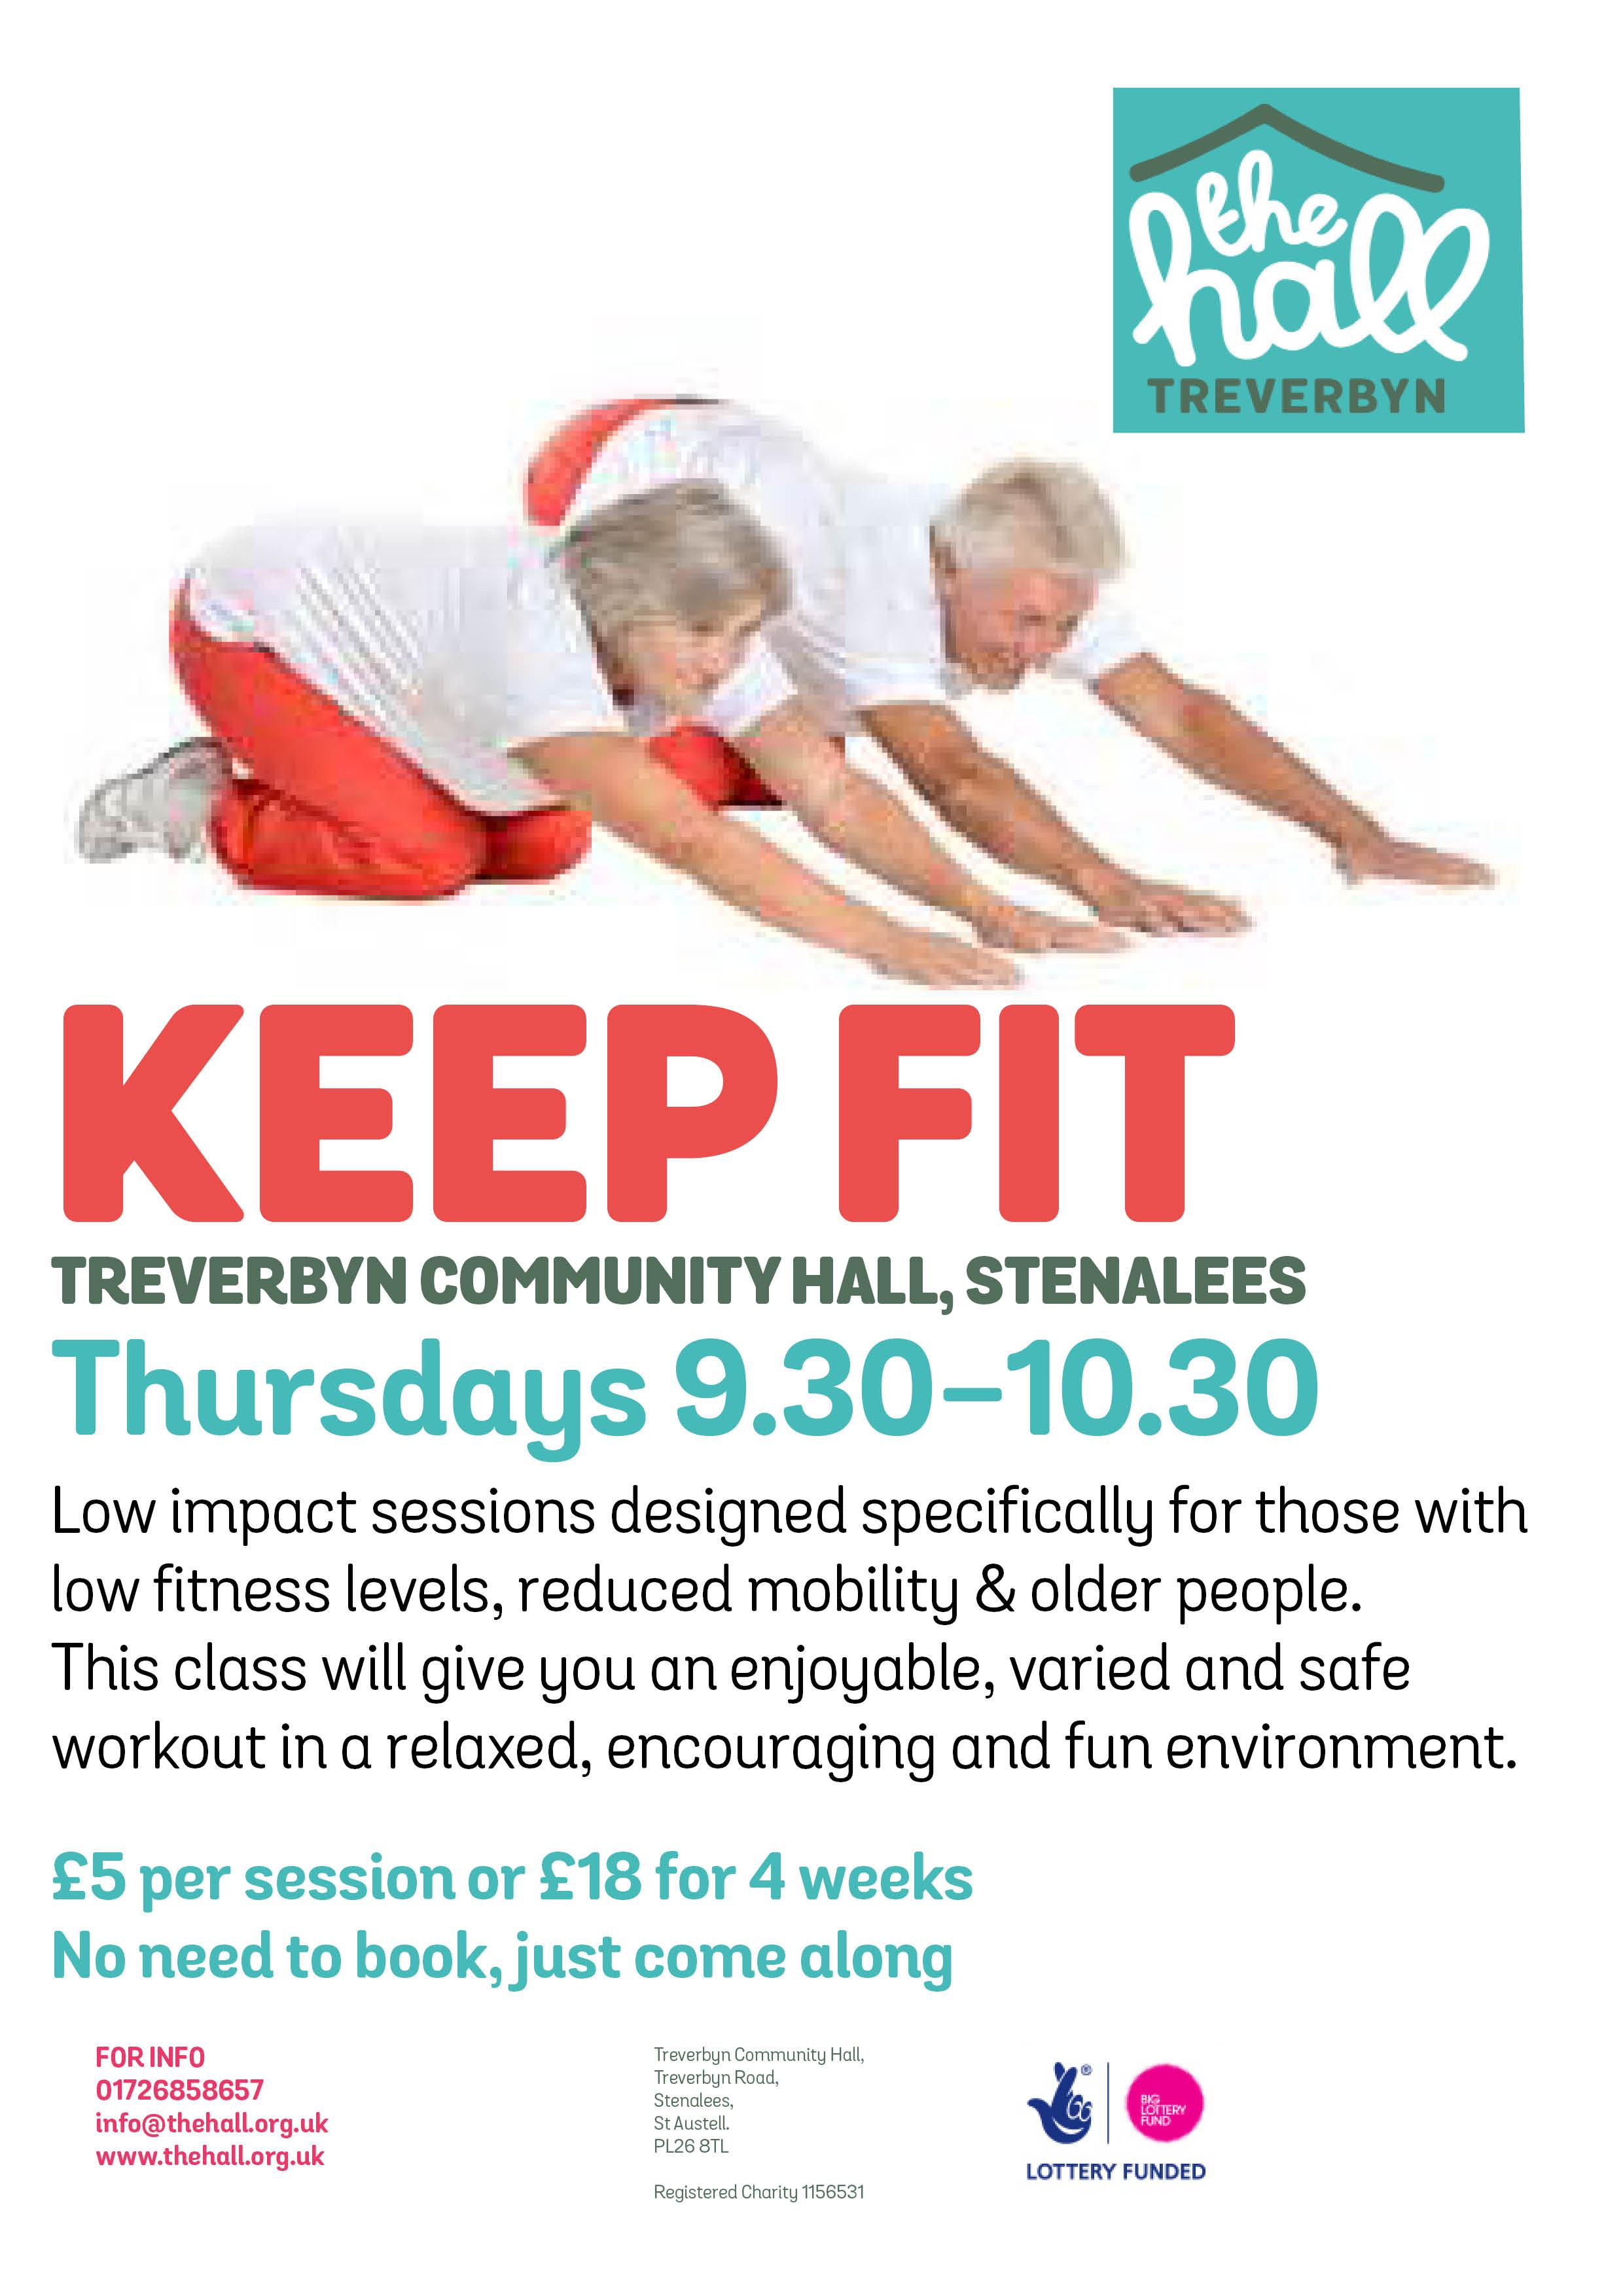 Keep fit mar 17